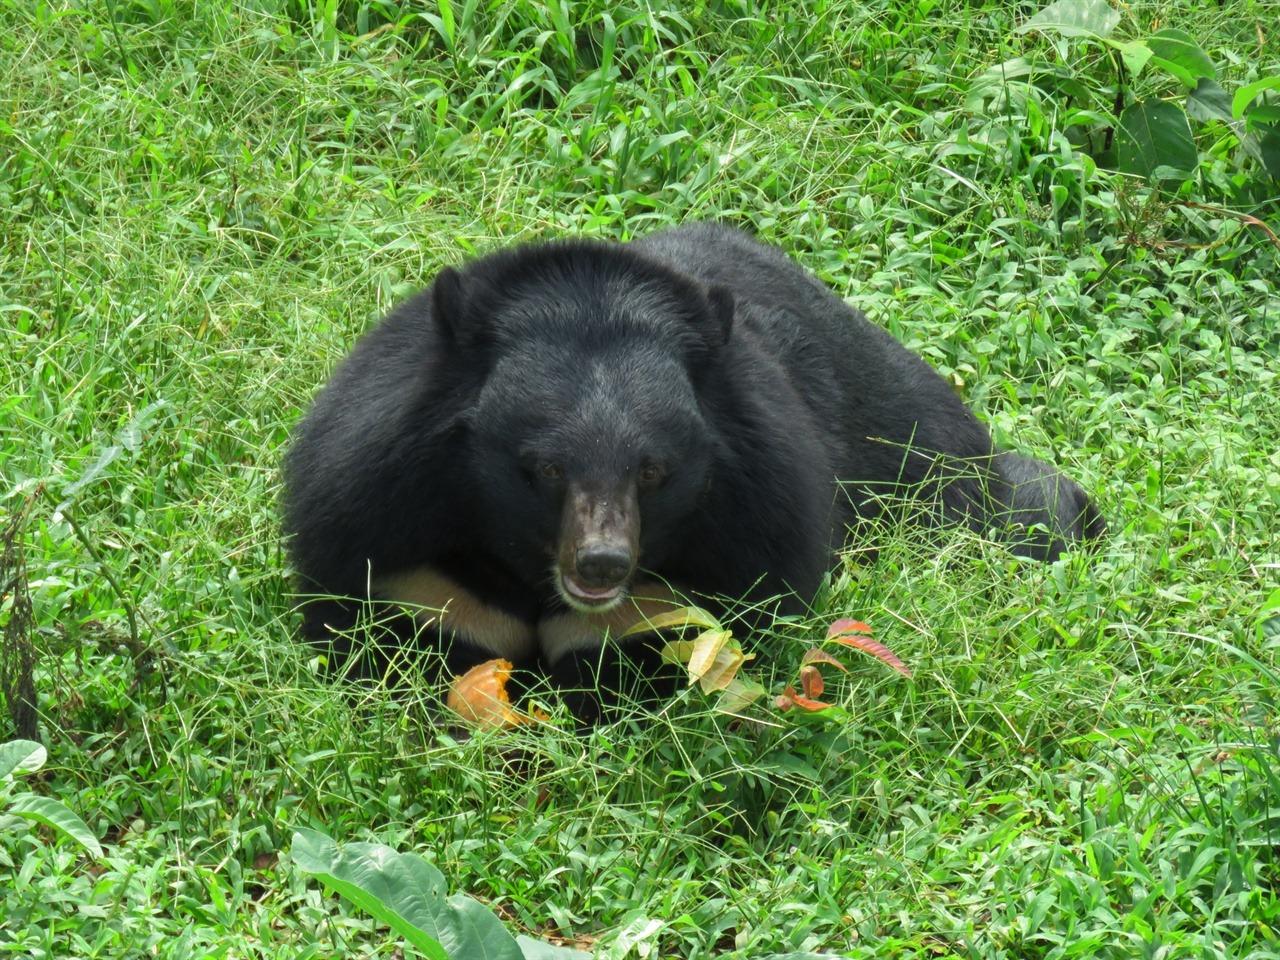 편안한 포즈로 먹이활동 중인 반달가슴곰